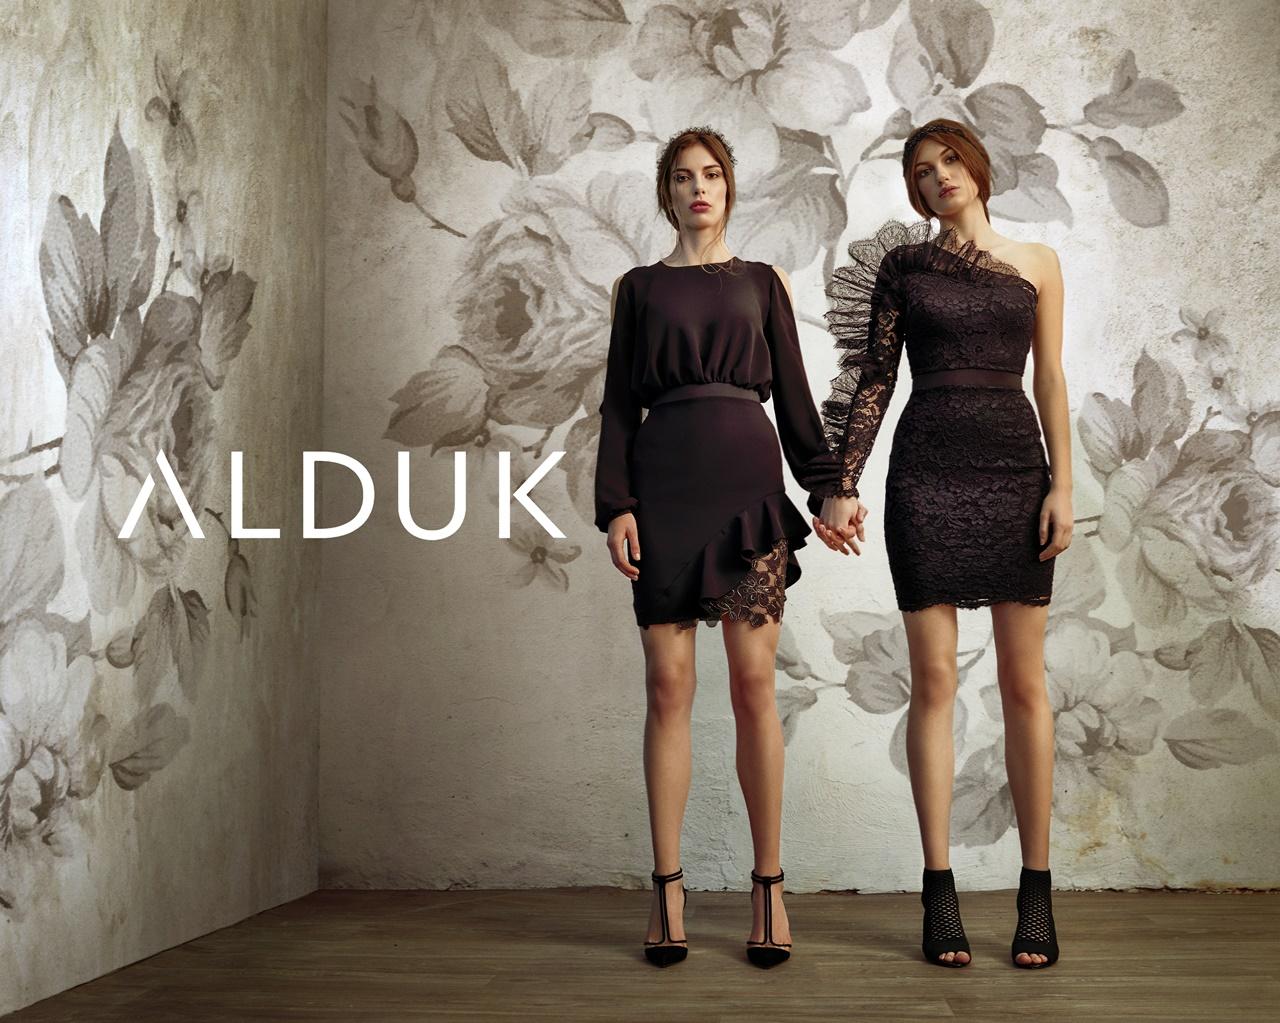 alduk_wallflower_1